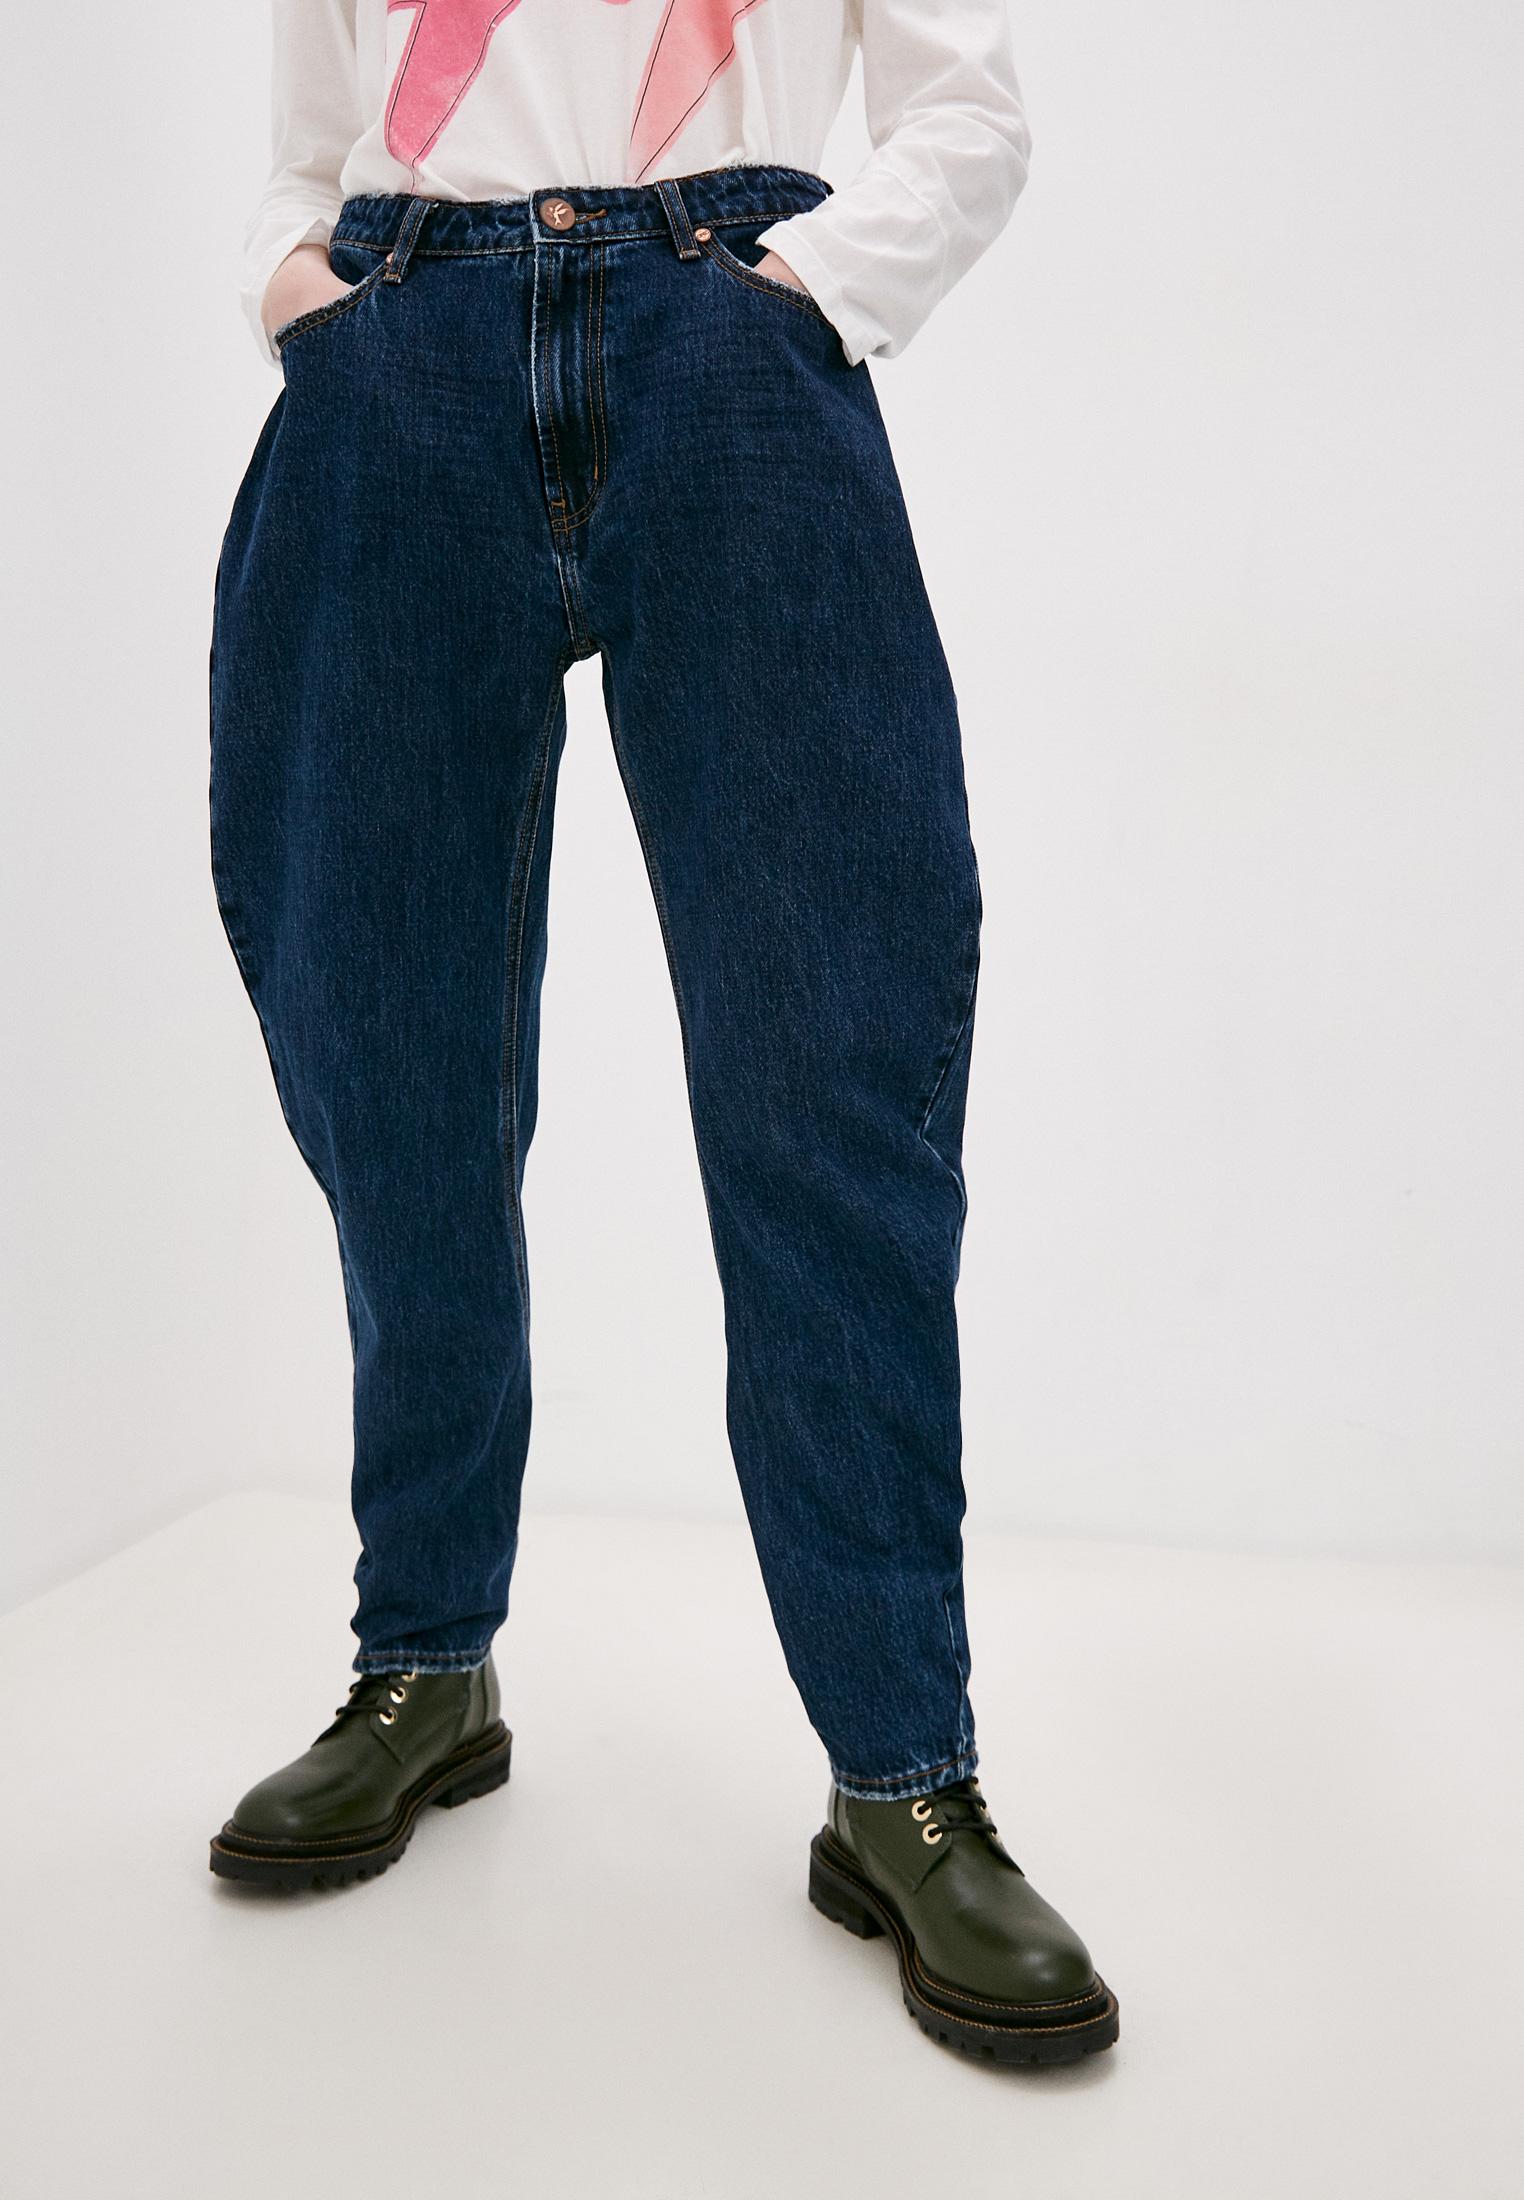 Широкие и расклешенные джинсы One Teaspoon (Вантиспун) 23668